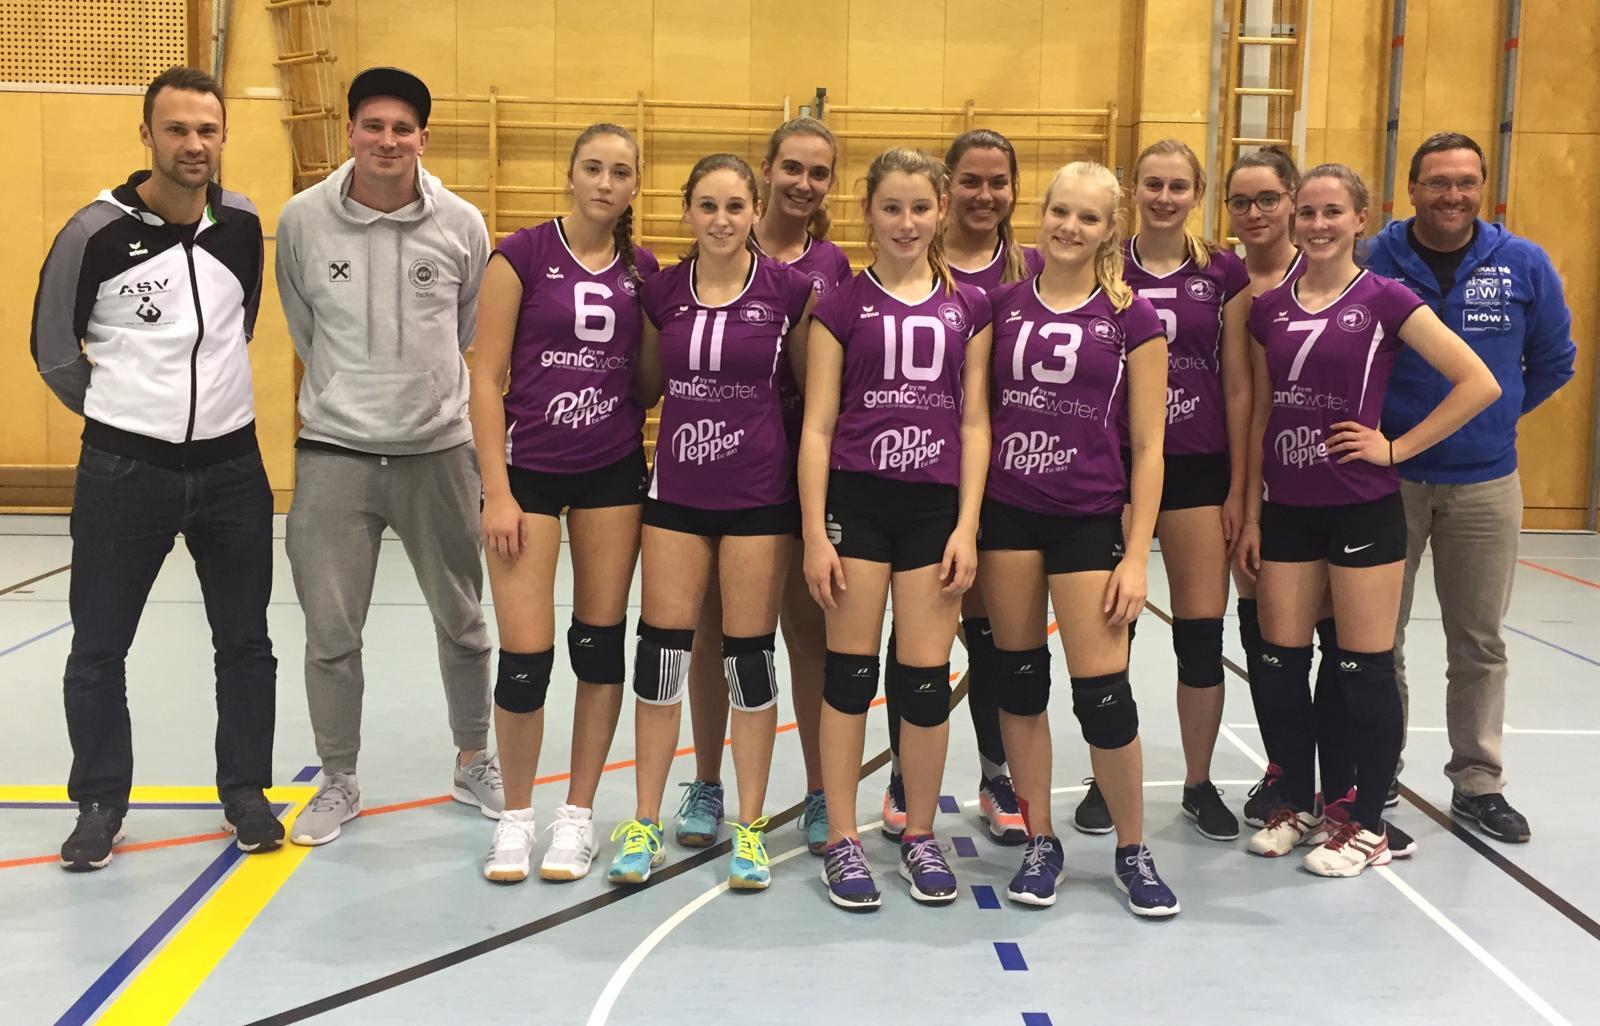 Erster Auftritt der U19 Mädls!